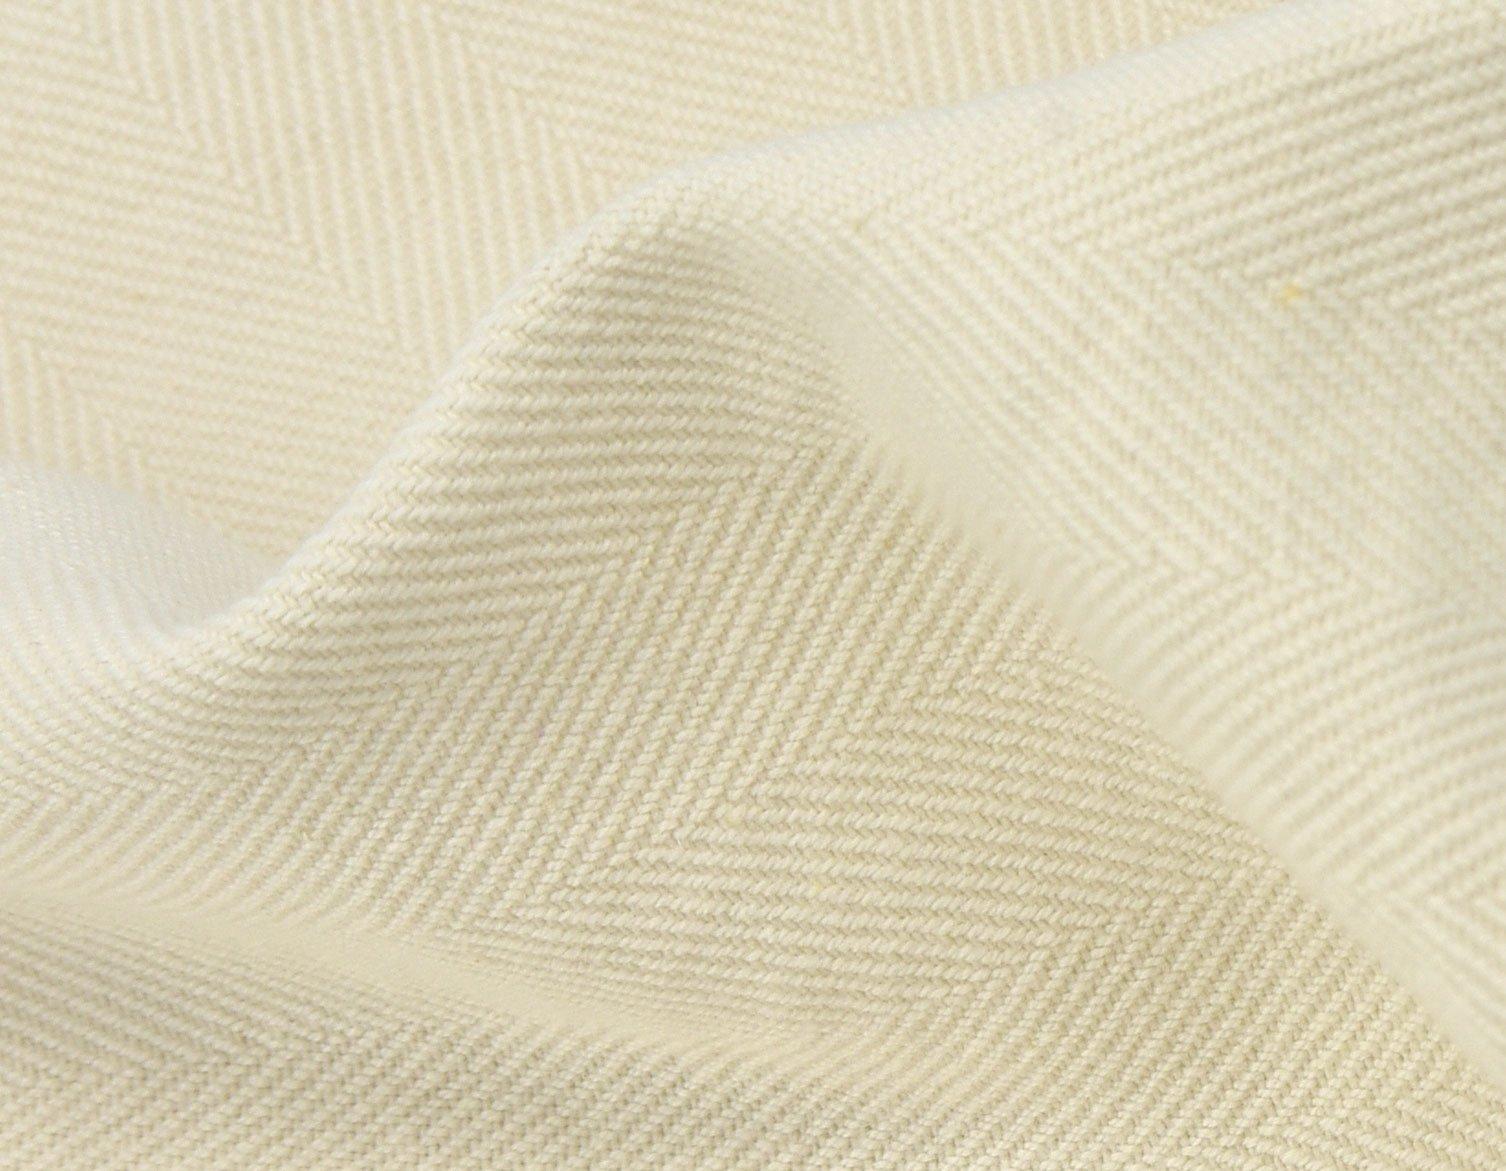 Herringbone blended cotton off white linen